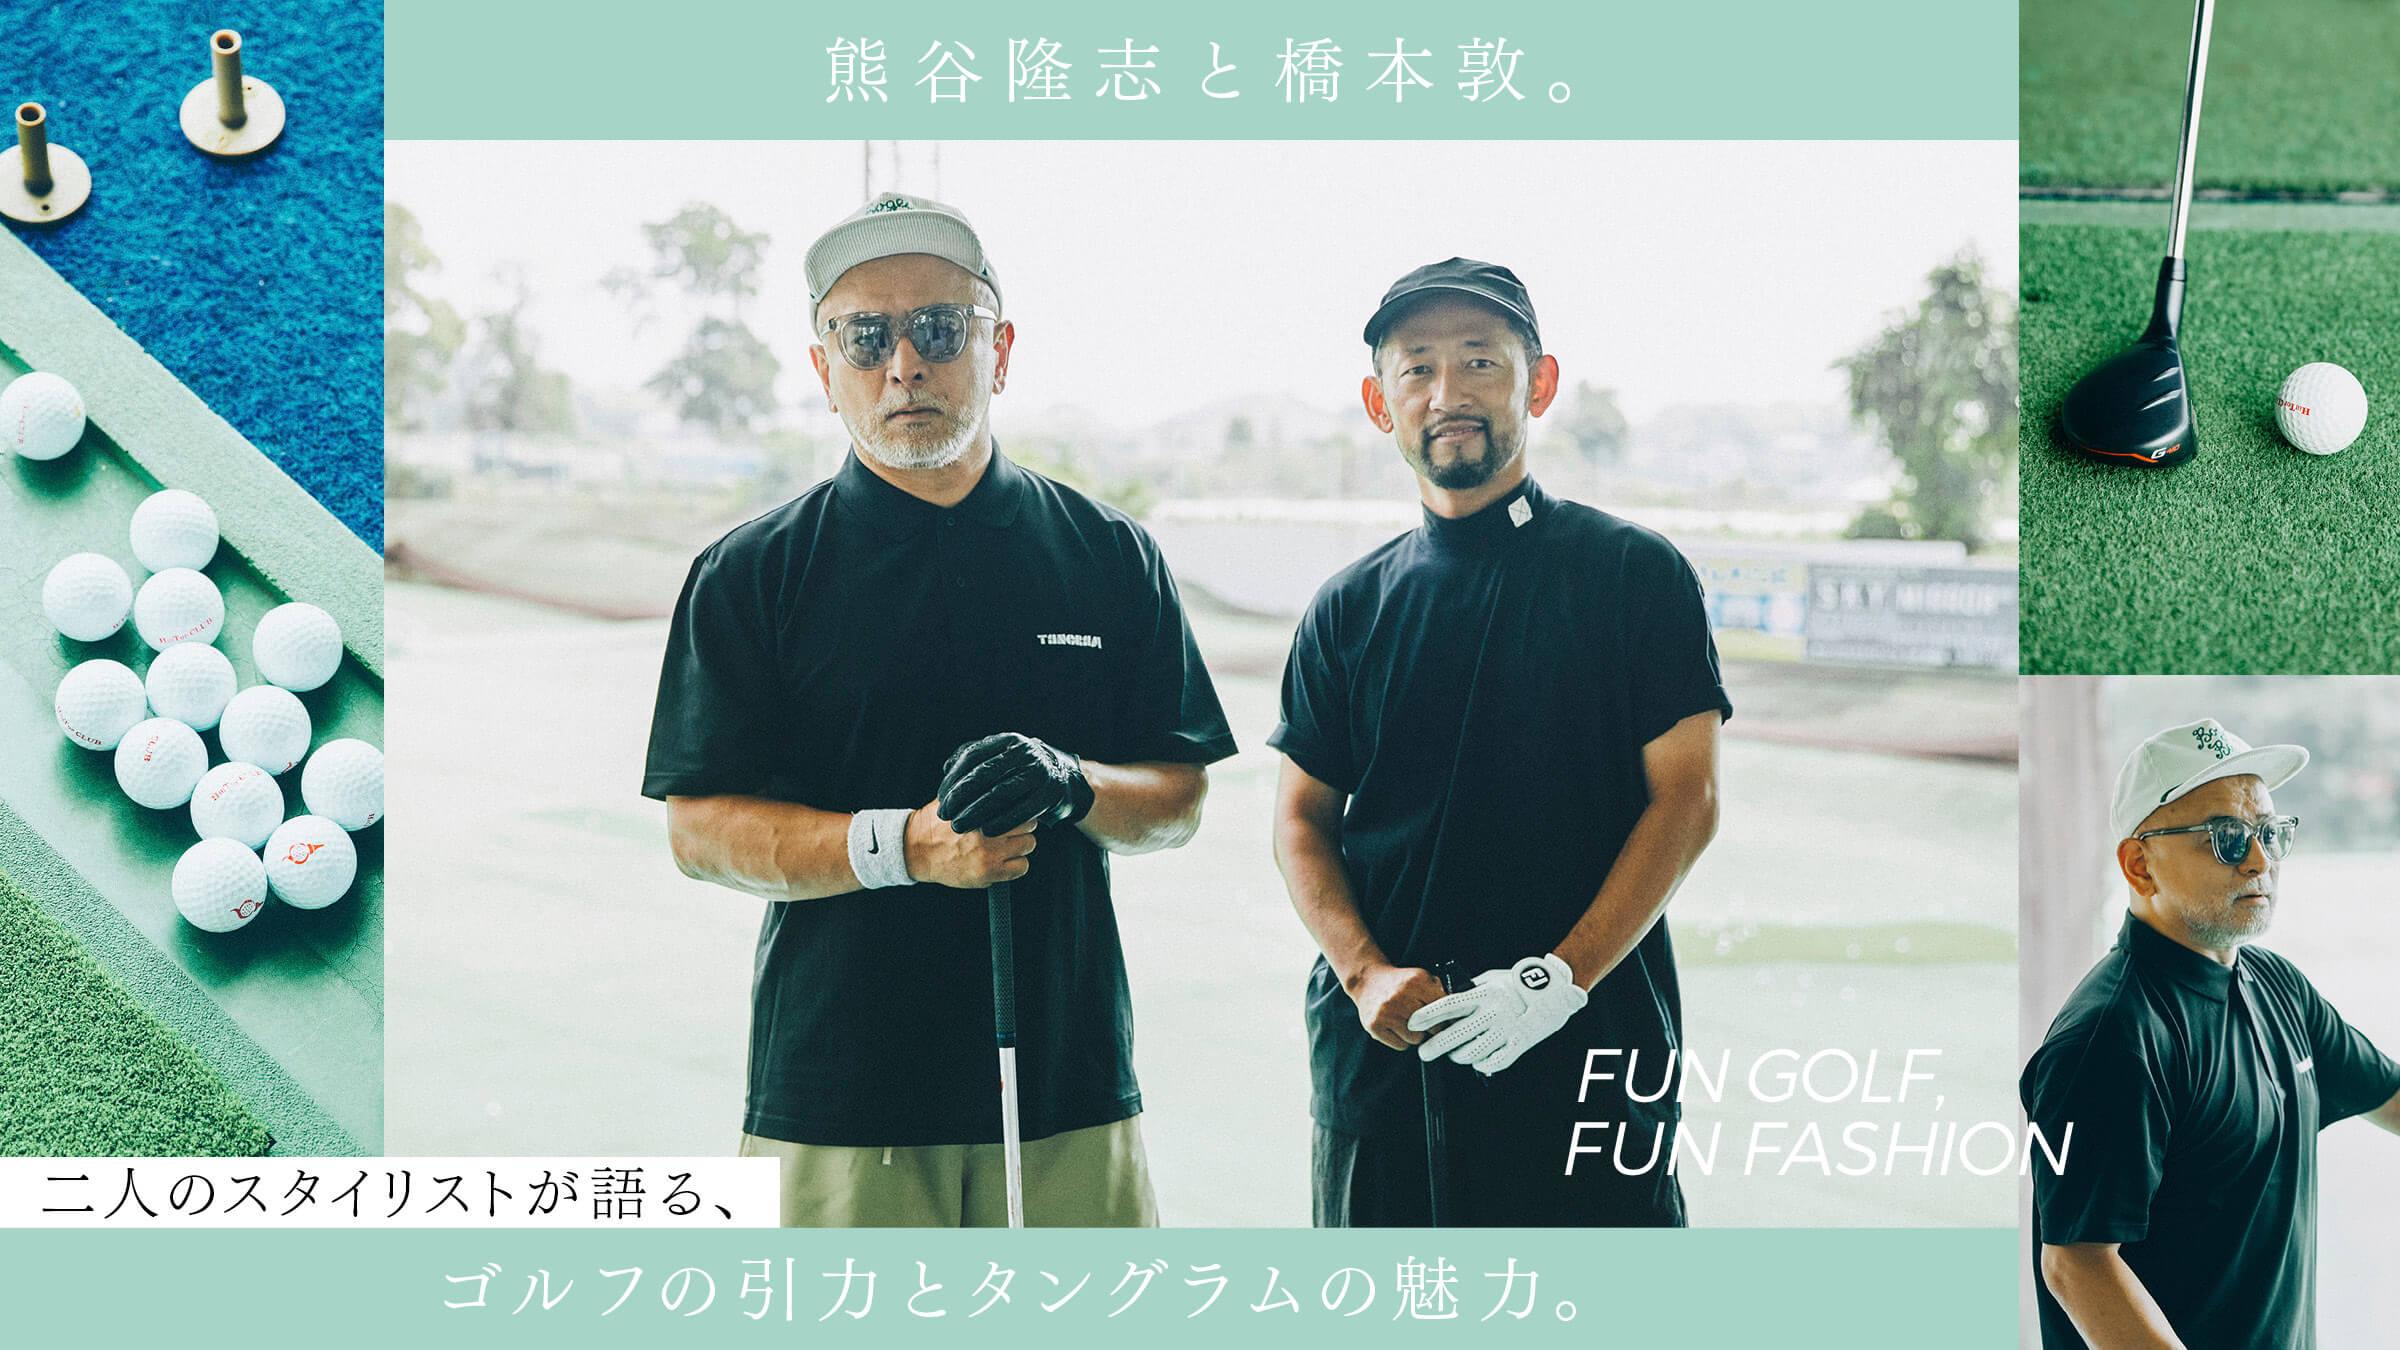 熊谷隆志と橋本敦。二人のスタイリストが語る、ゴルフの引力とタングラムの魅力。